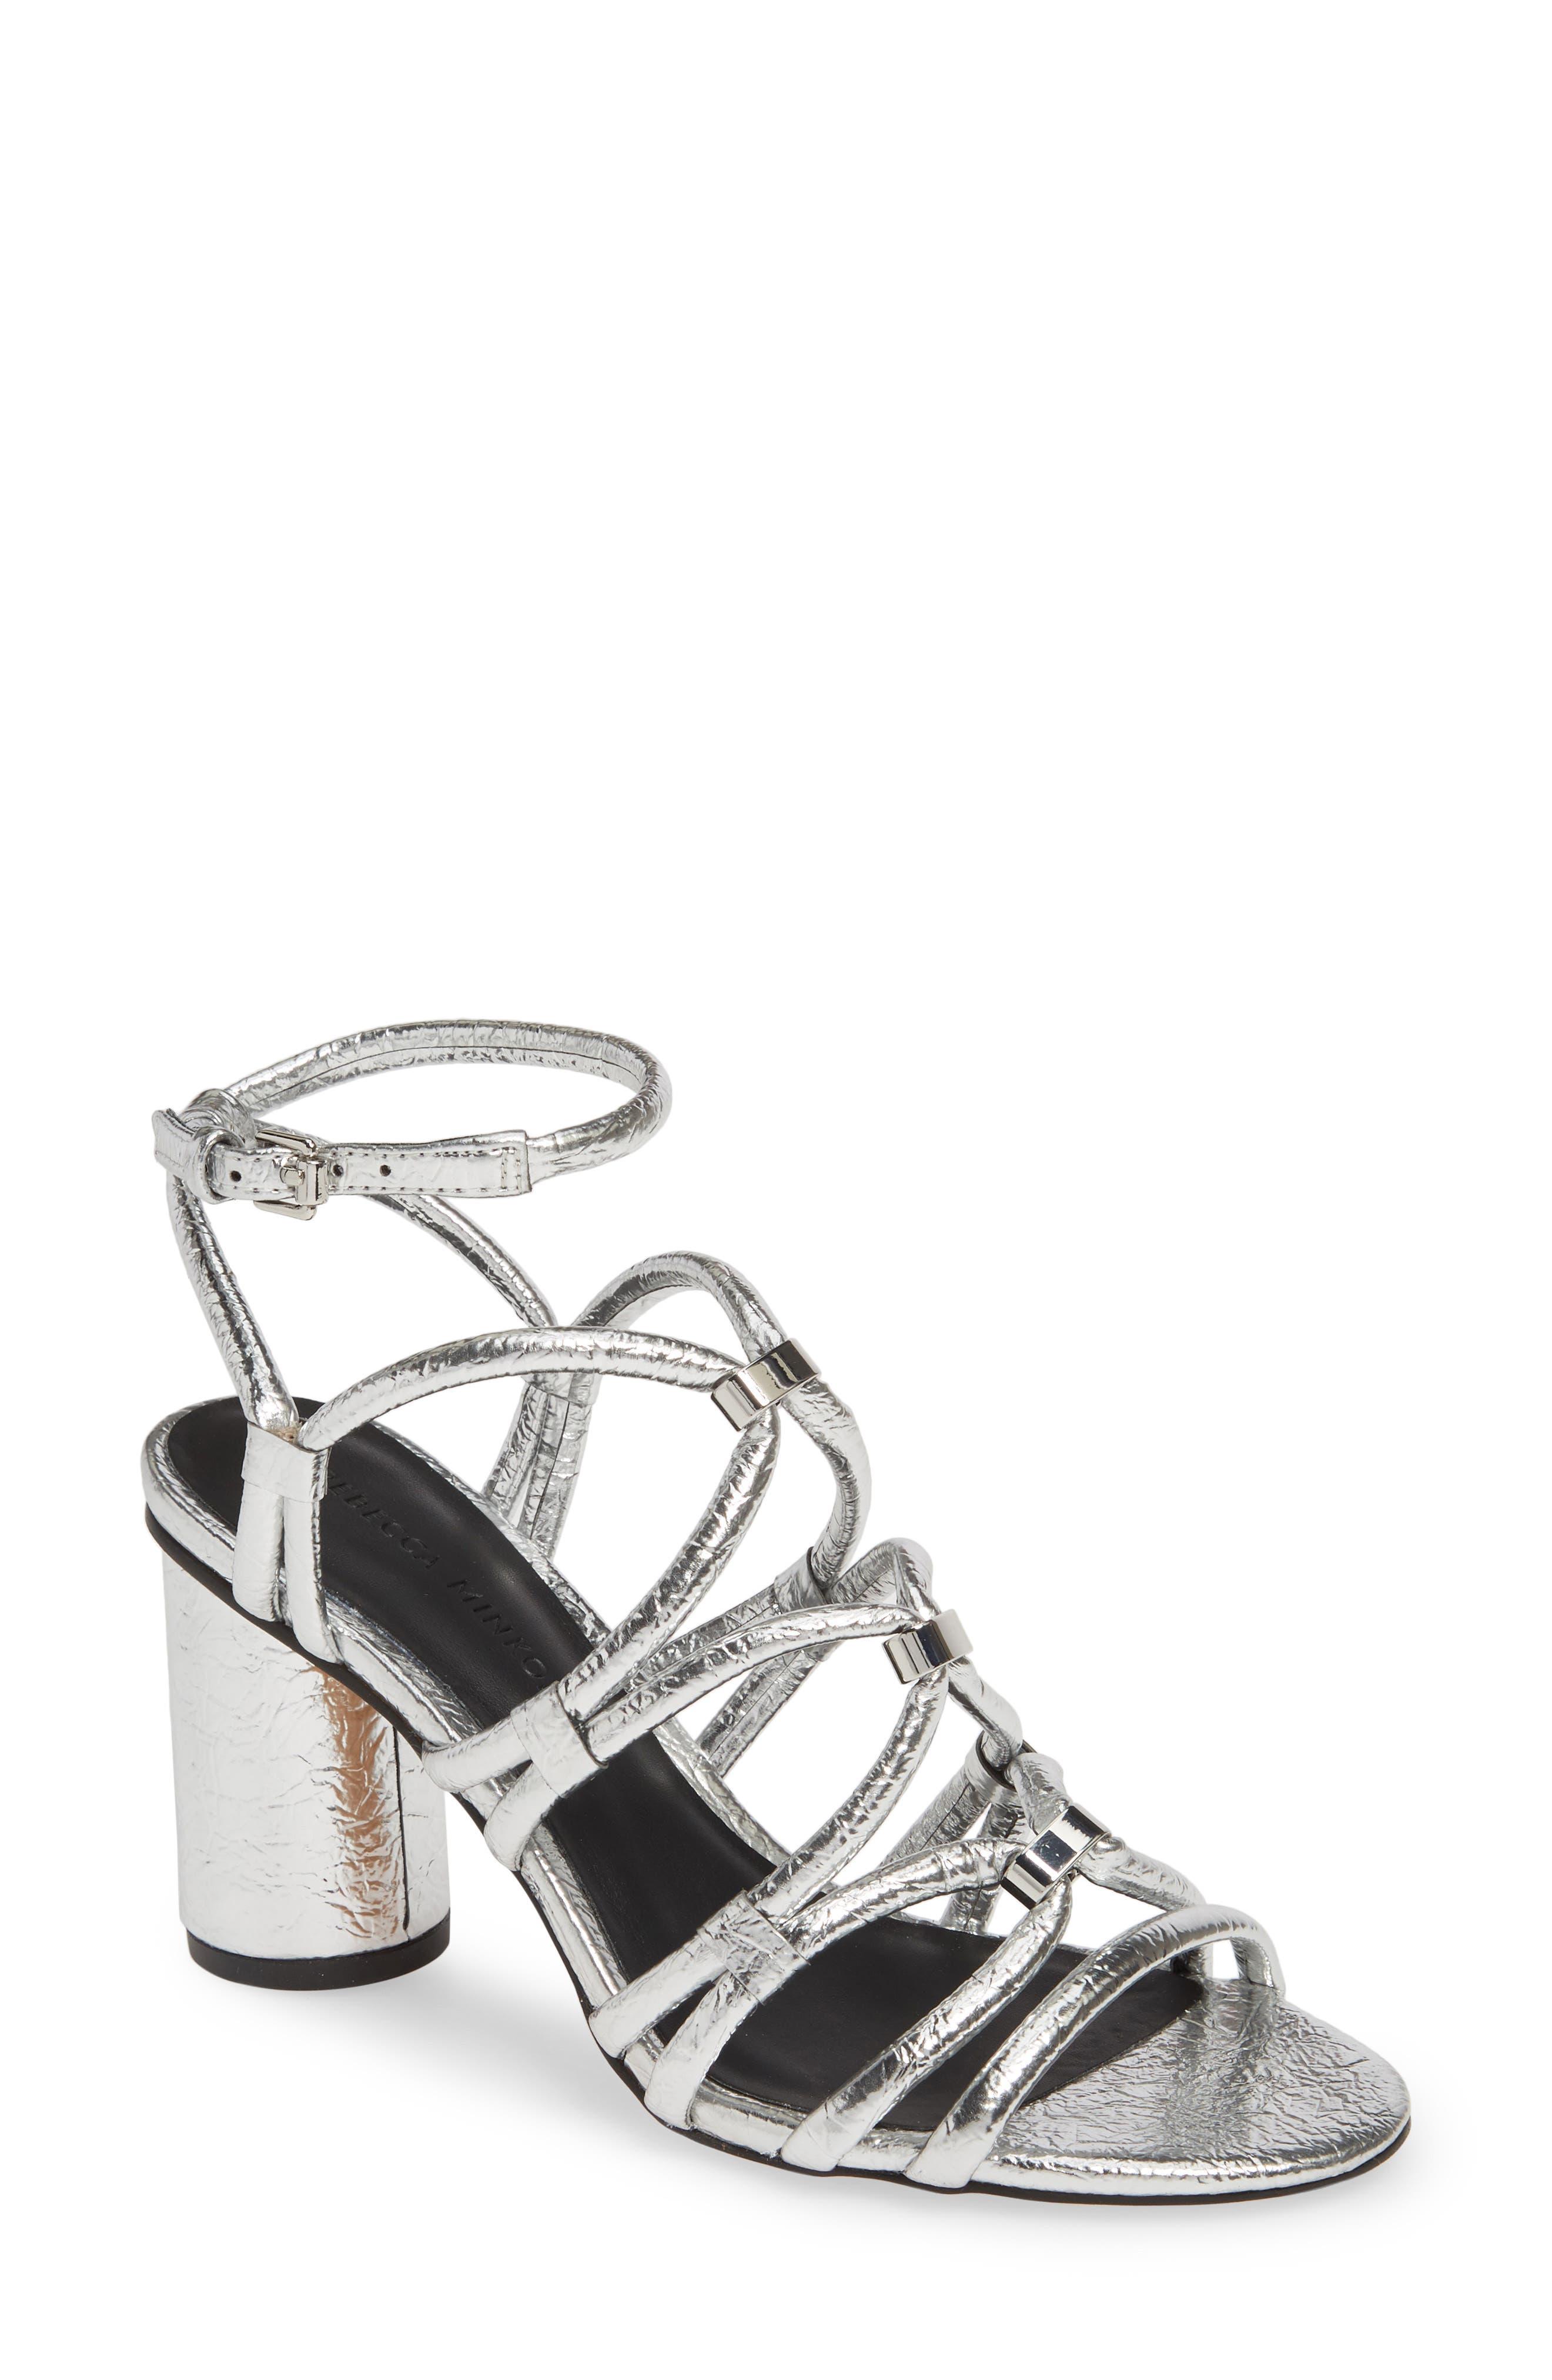 Rebecca Minkoff Apolline Strappy Sandal- Metallic